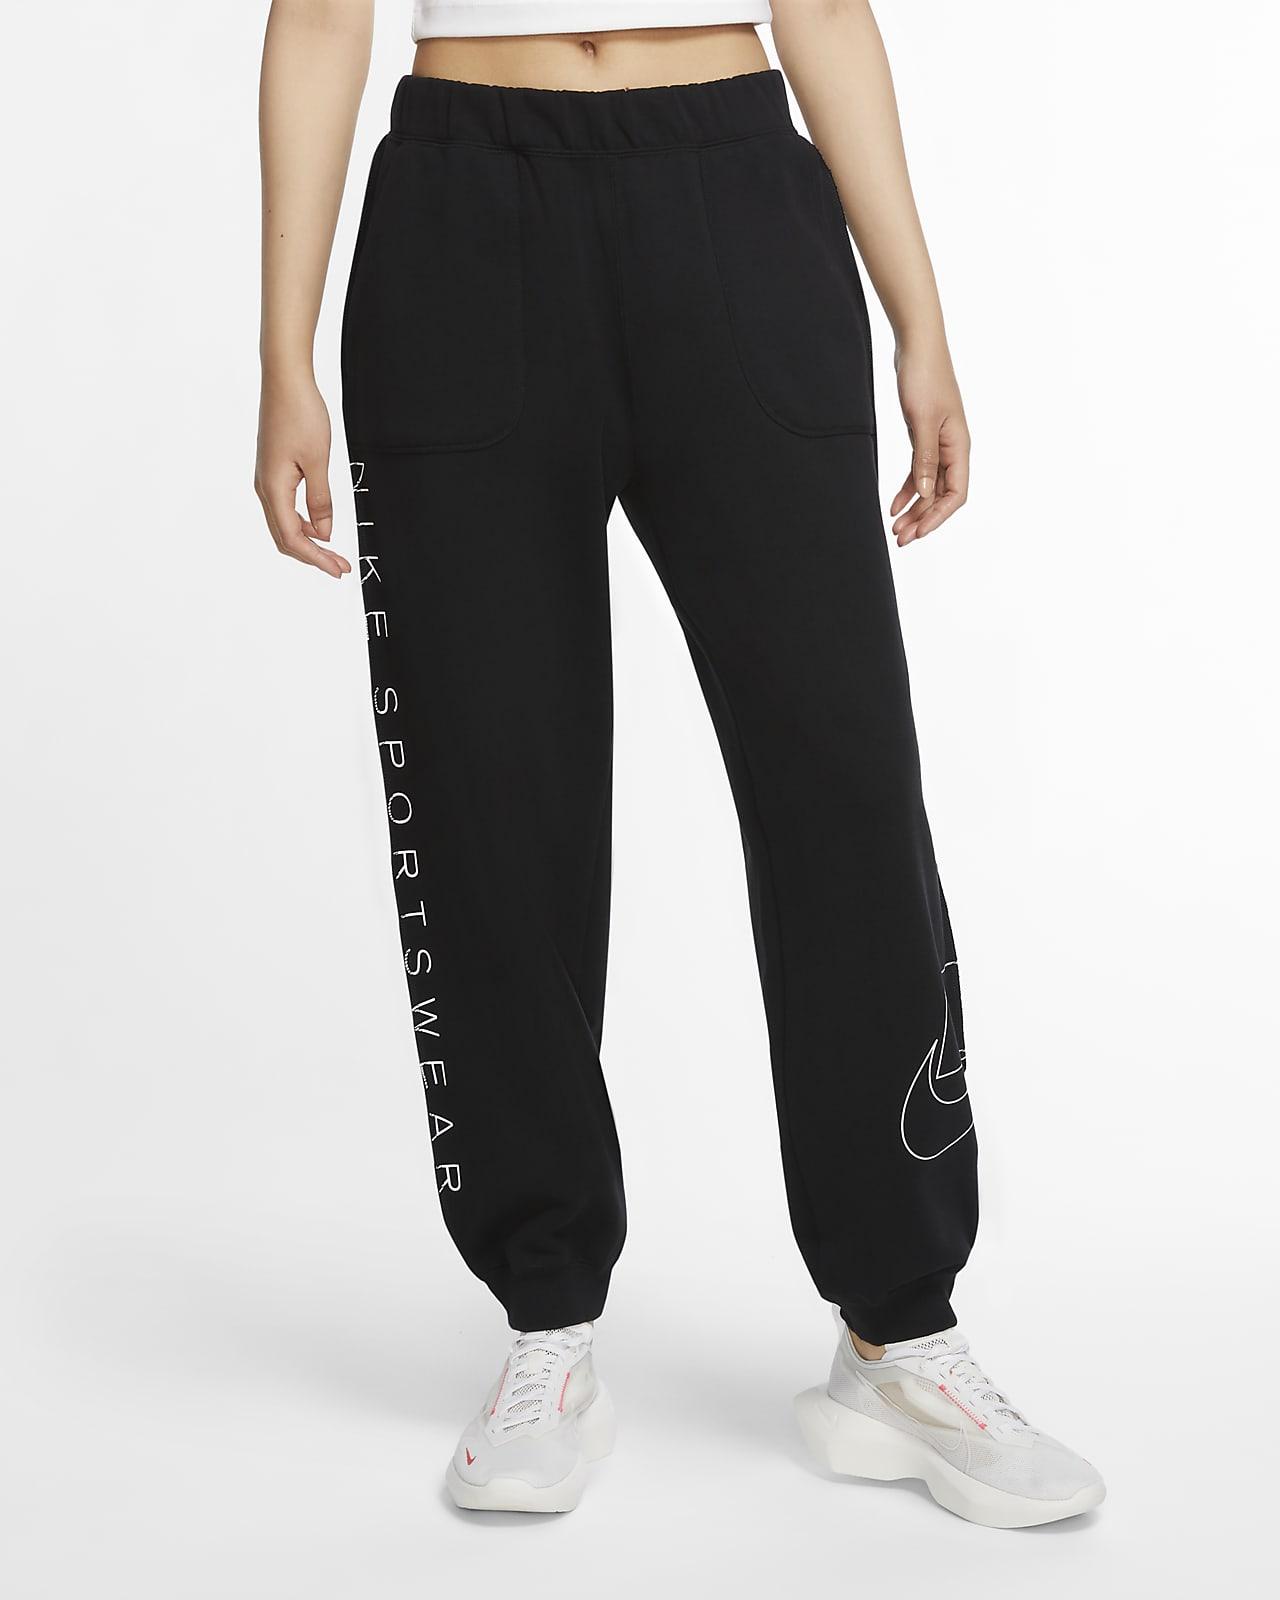 Nike Sportswear NSW Pantalón de tejido Fleece - Mujer